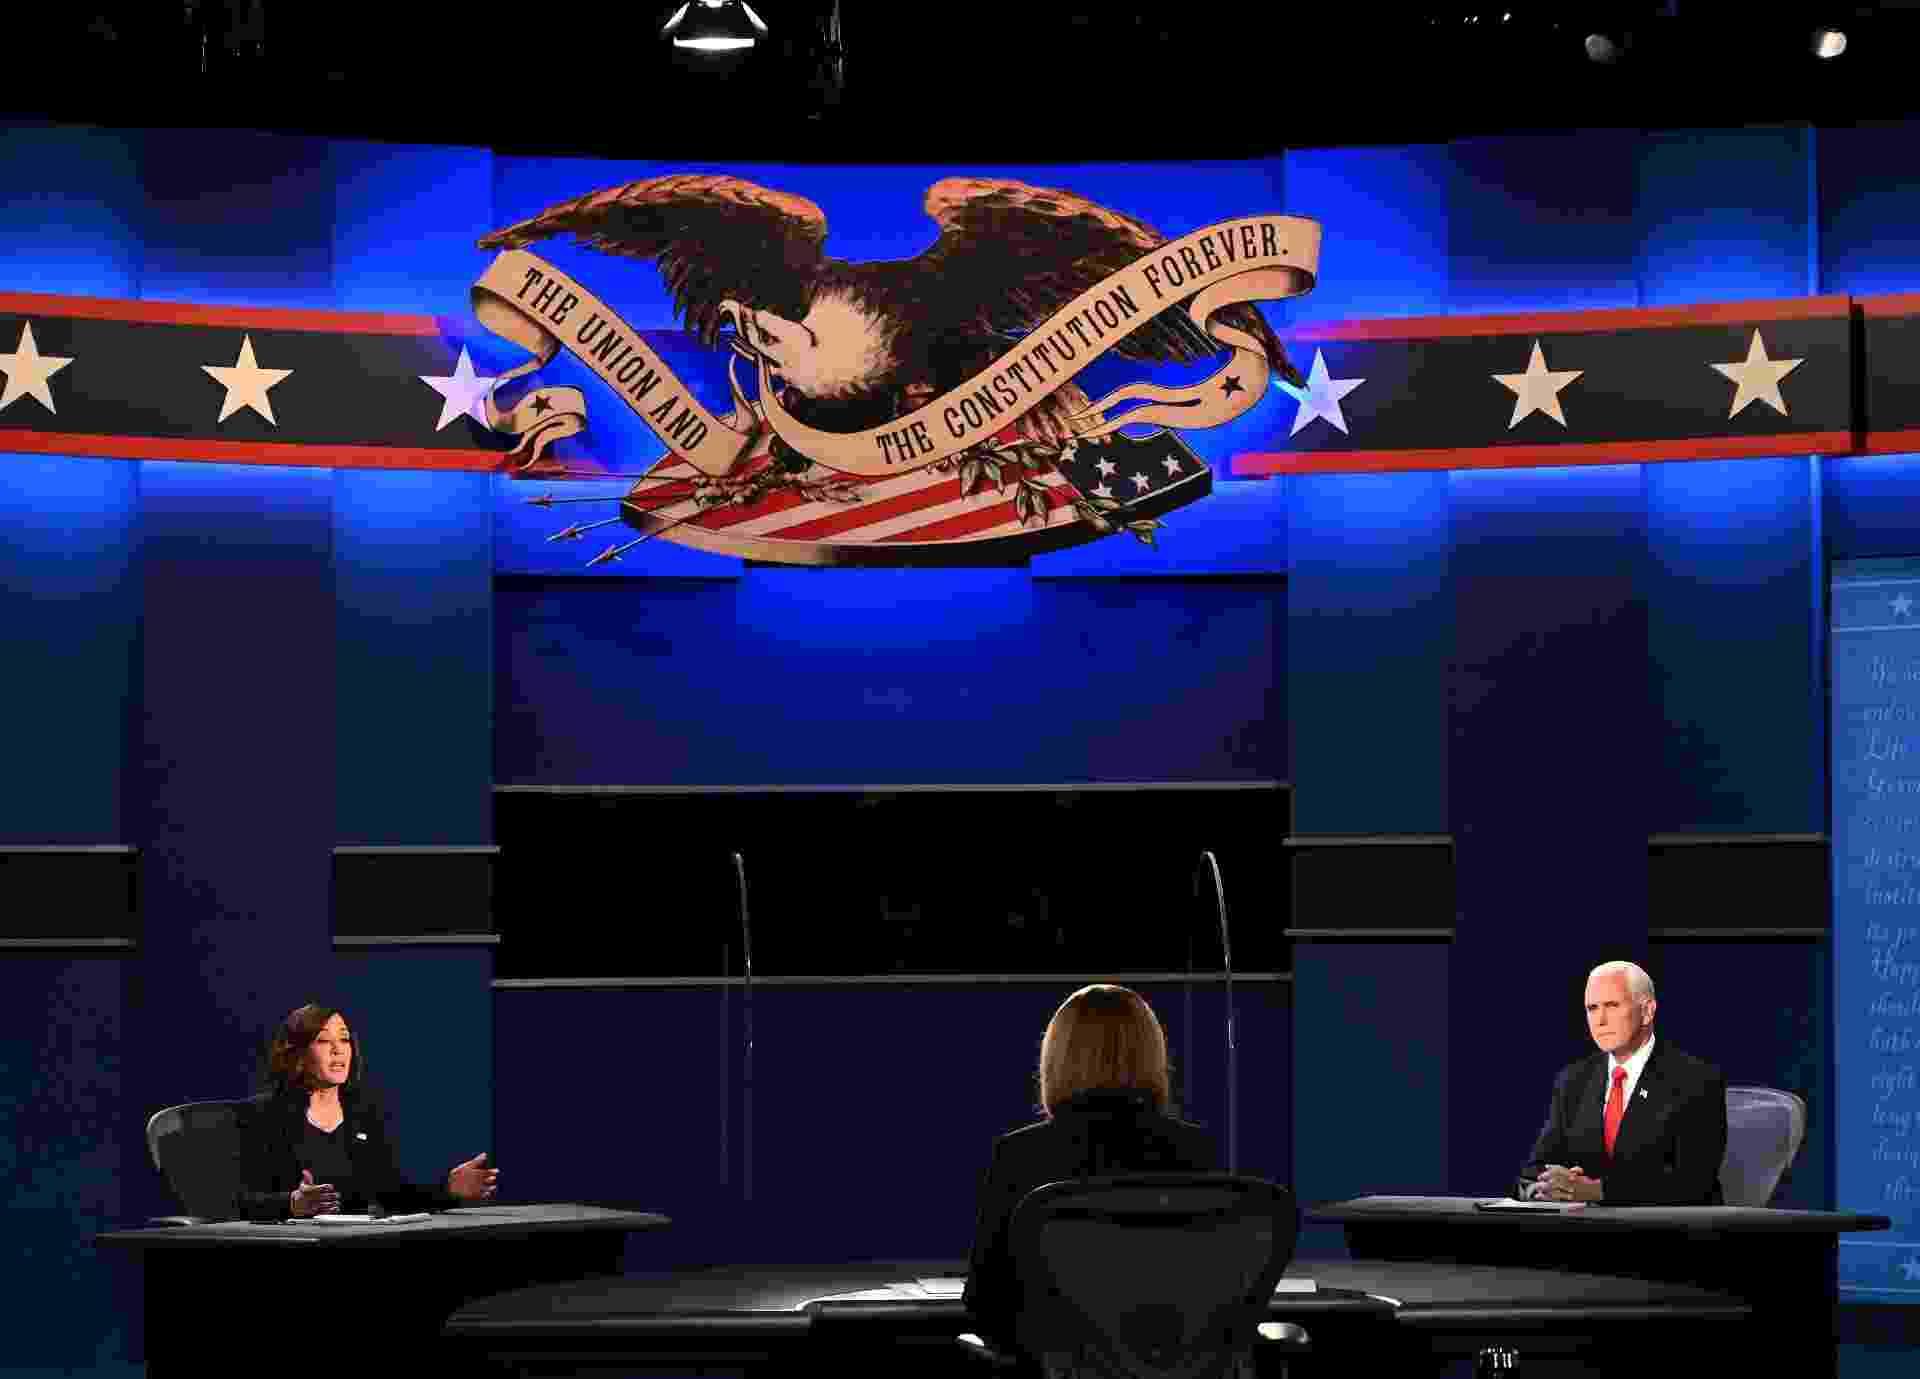 O vice-presidente dos Estados Unidos, Mike Pence, e a candidata à vice-presidência, Kamala Harris, falam durante o debate realizado na Universidade de Utah, em Salt Lake City (Utah) - Eric Baradat / AFP